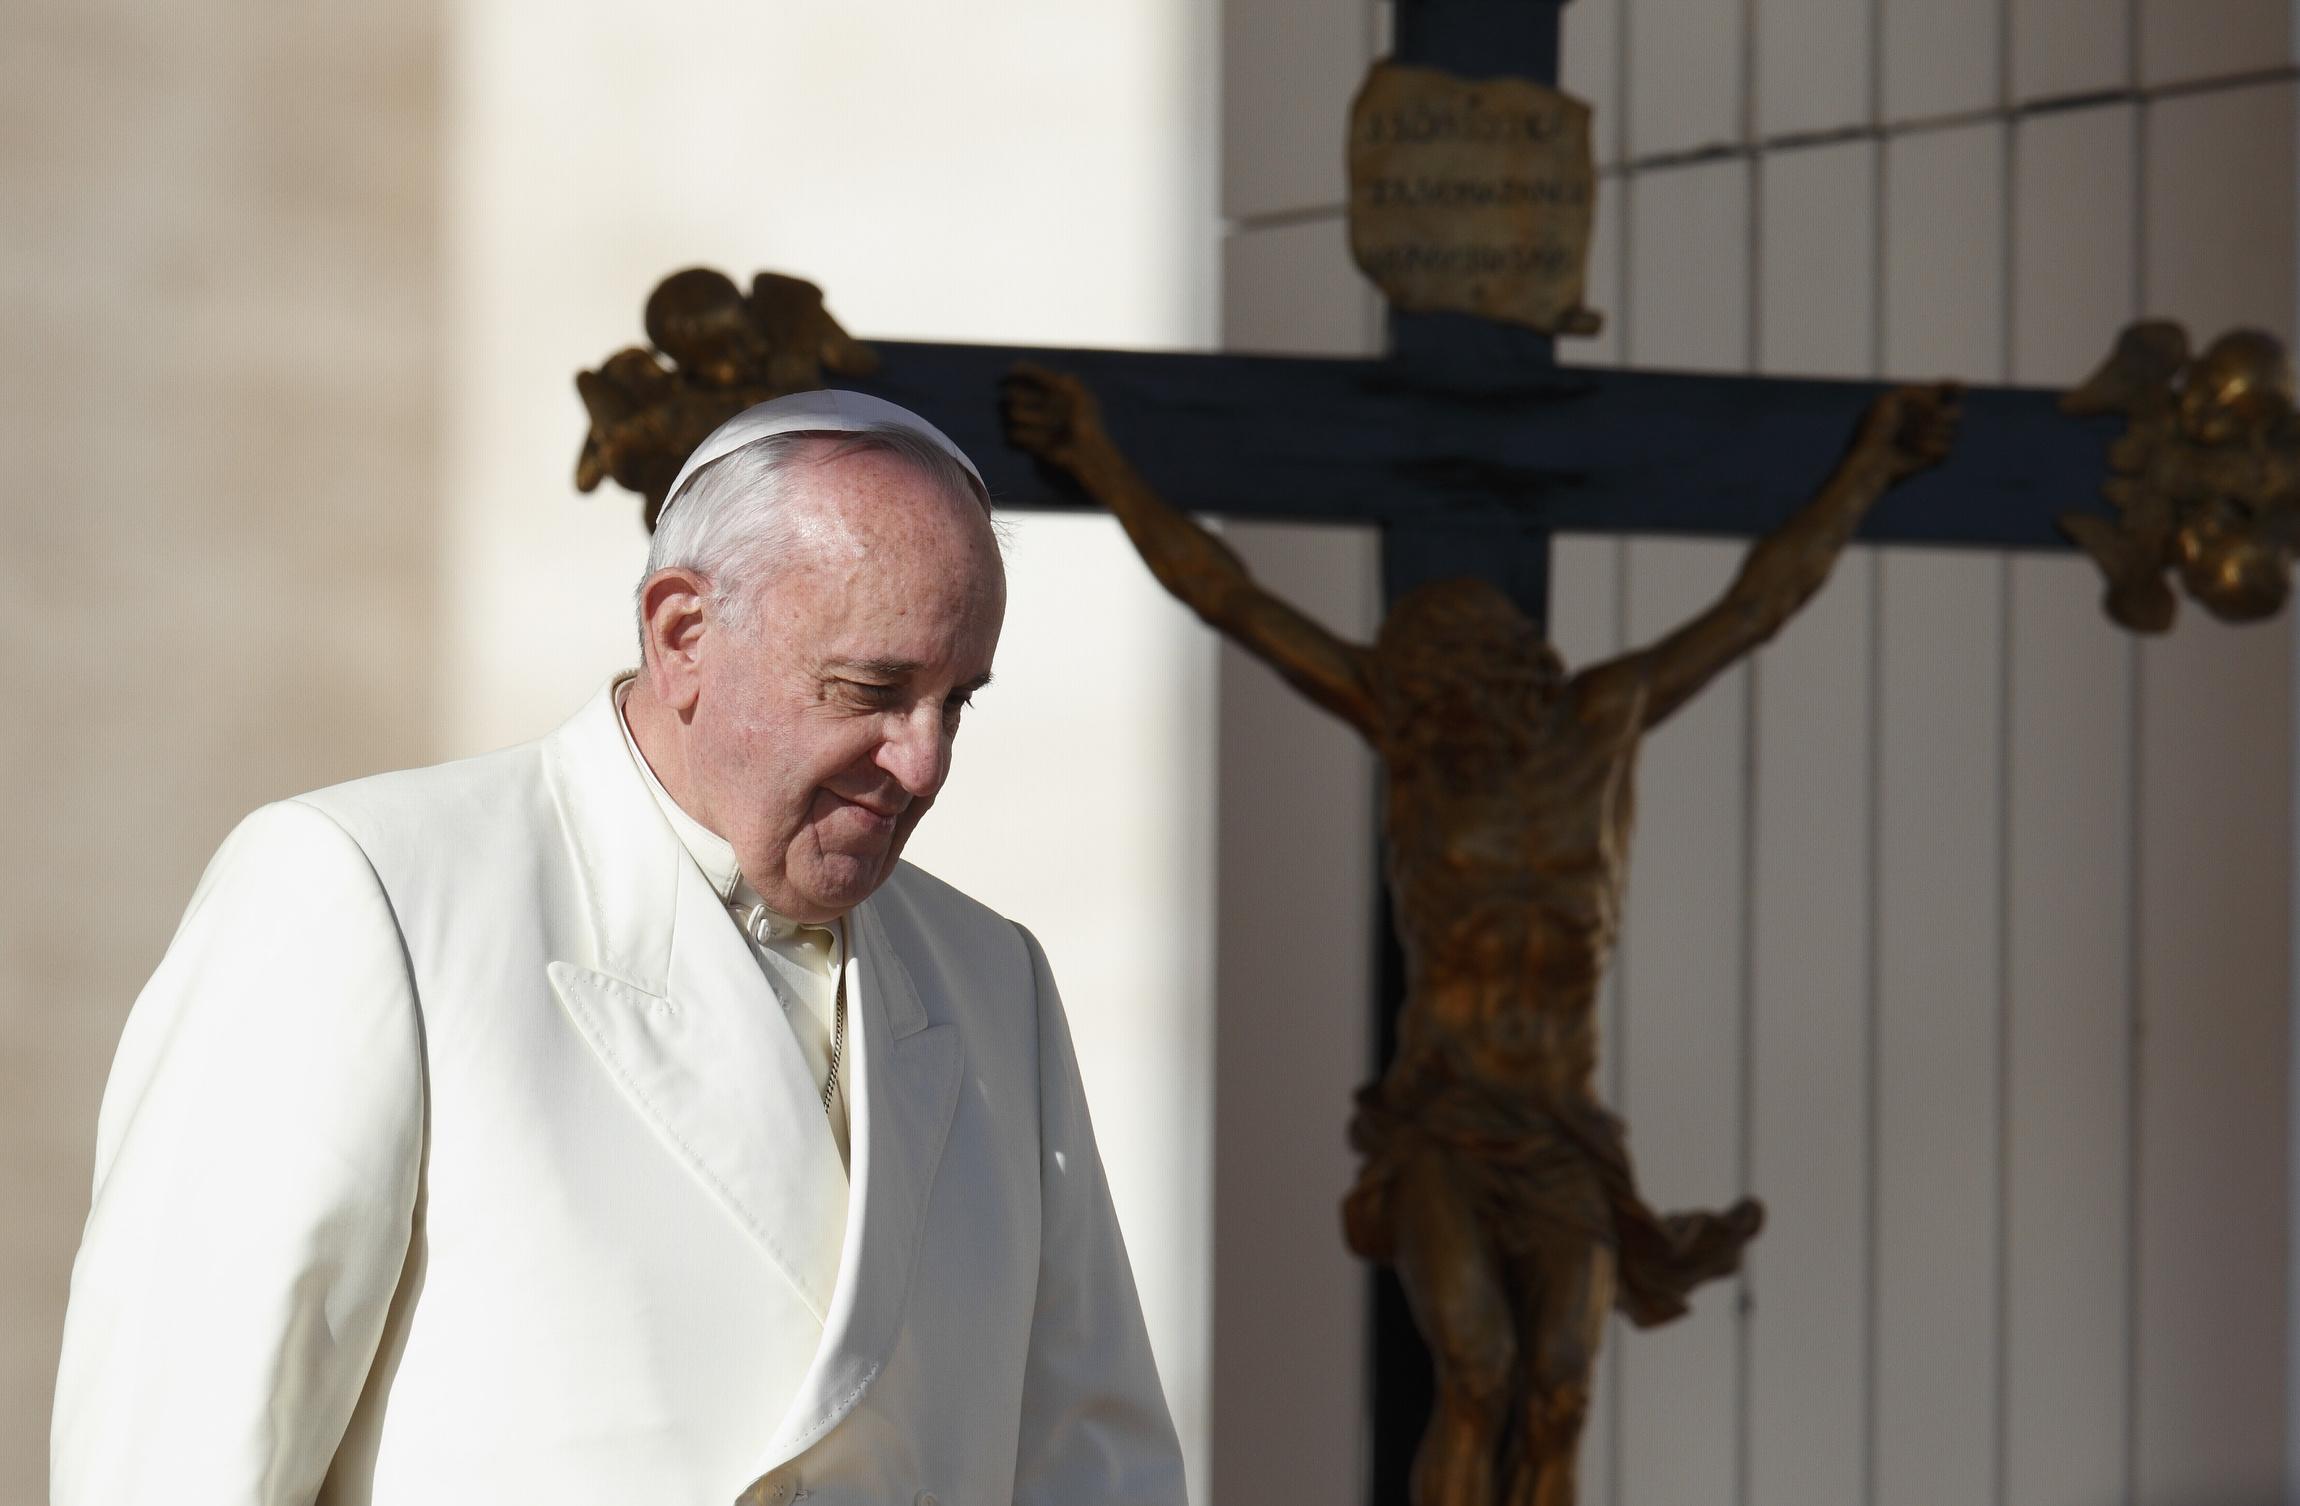 Đức Giáo Hoàng Francis thành lập ủy ban chống lạm dụng tình dục trẻ em